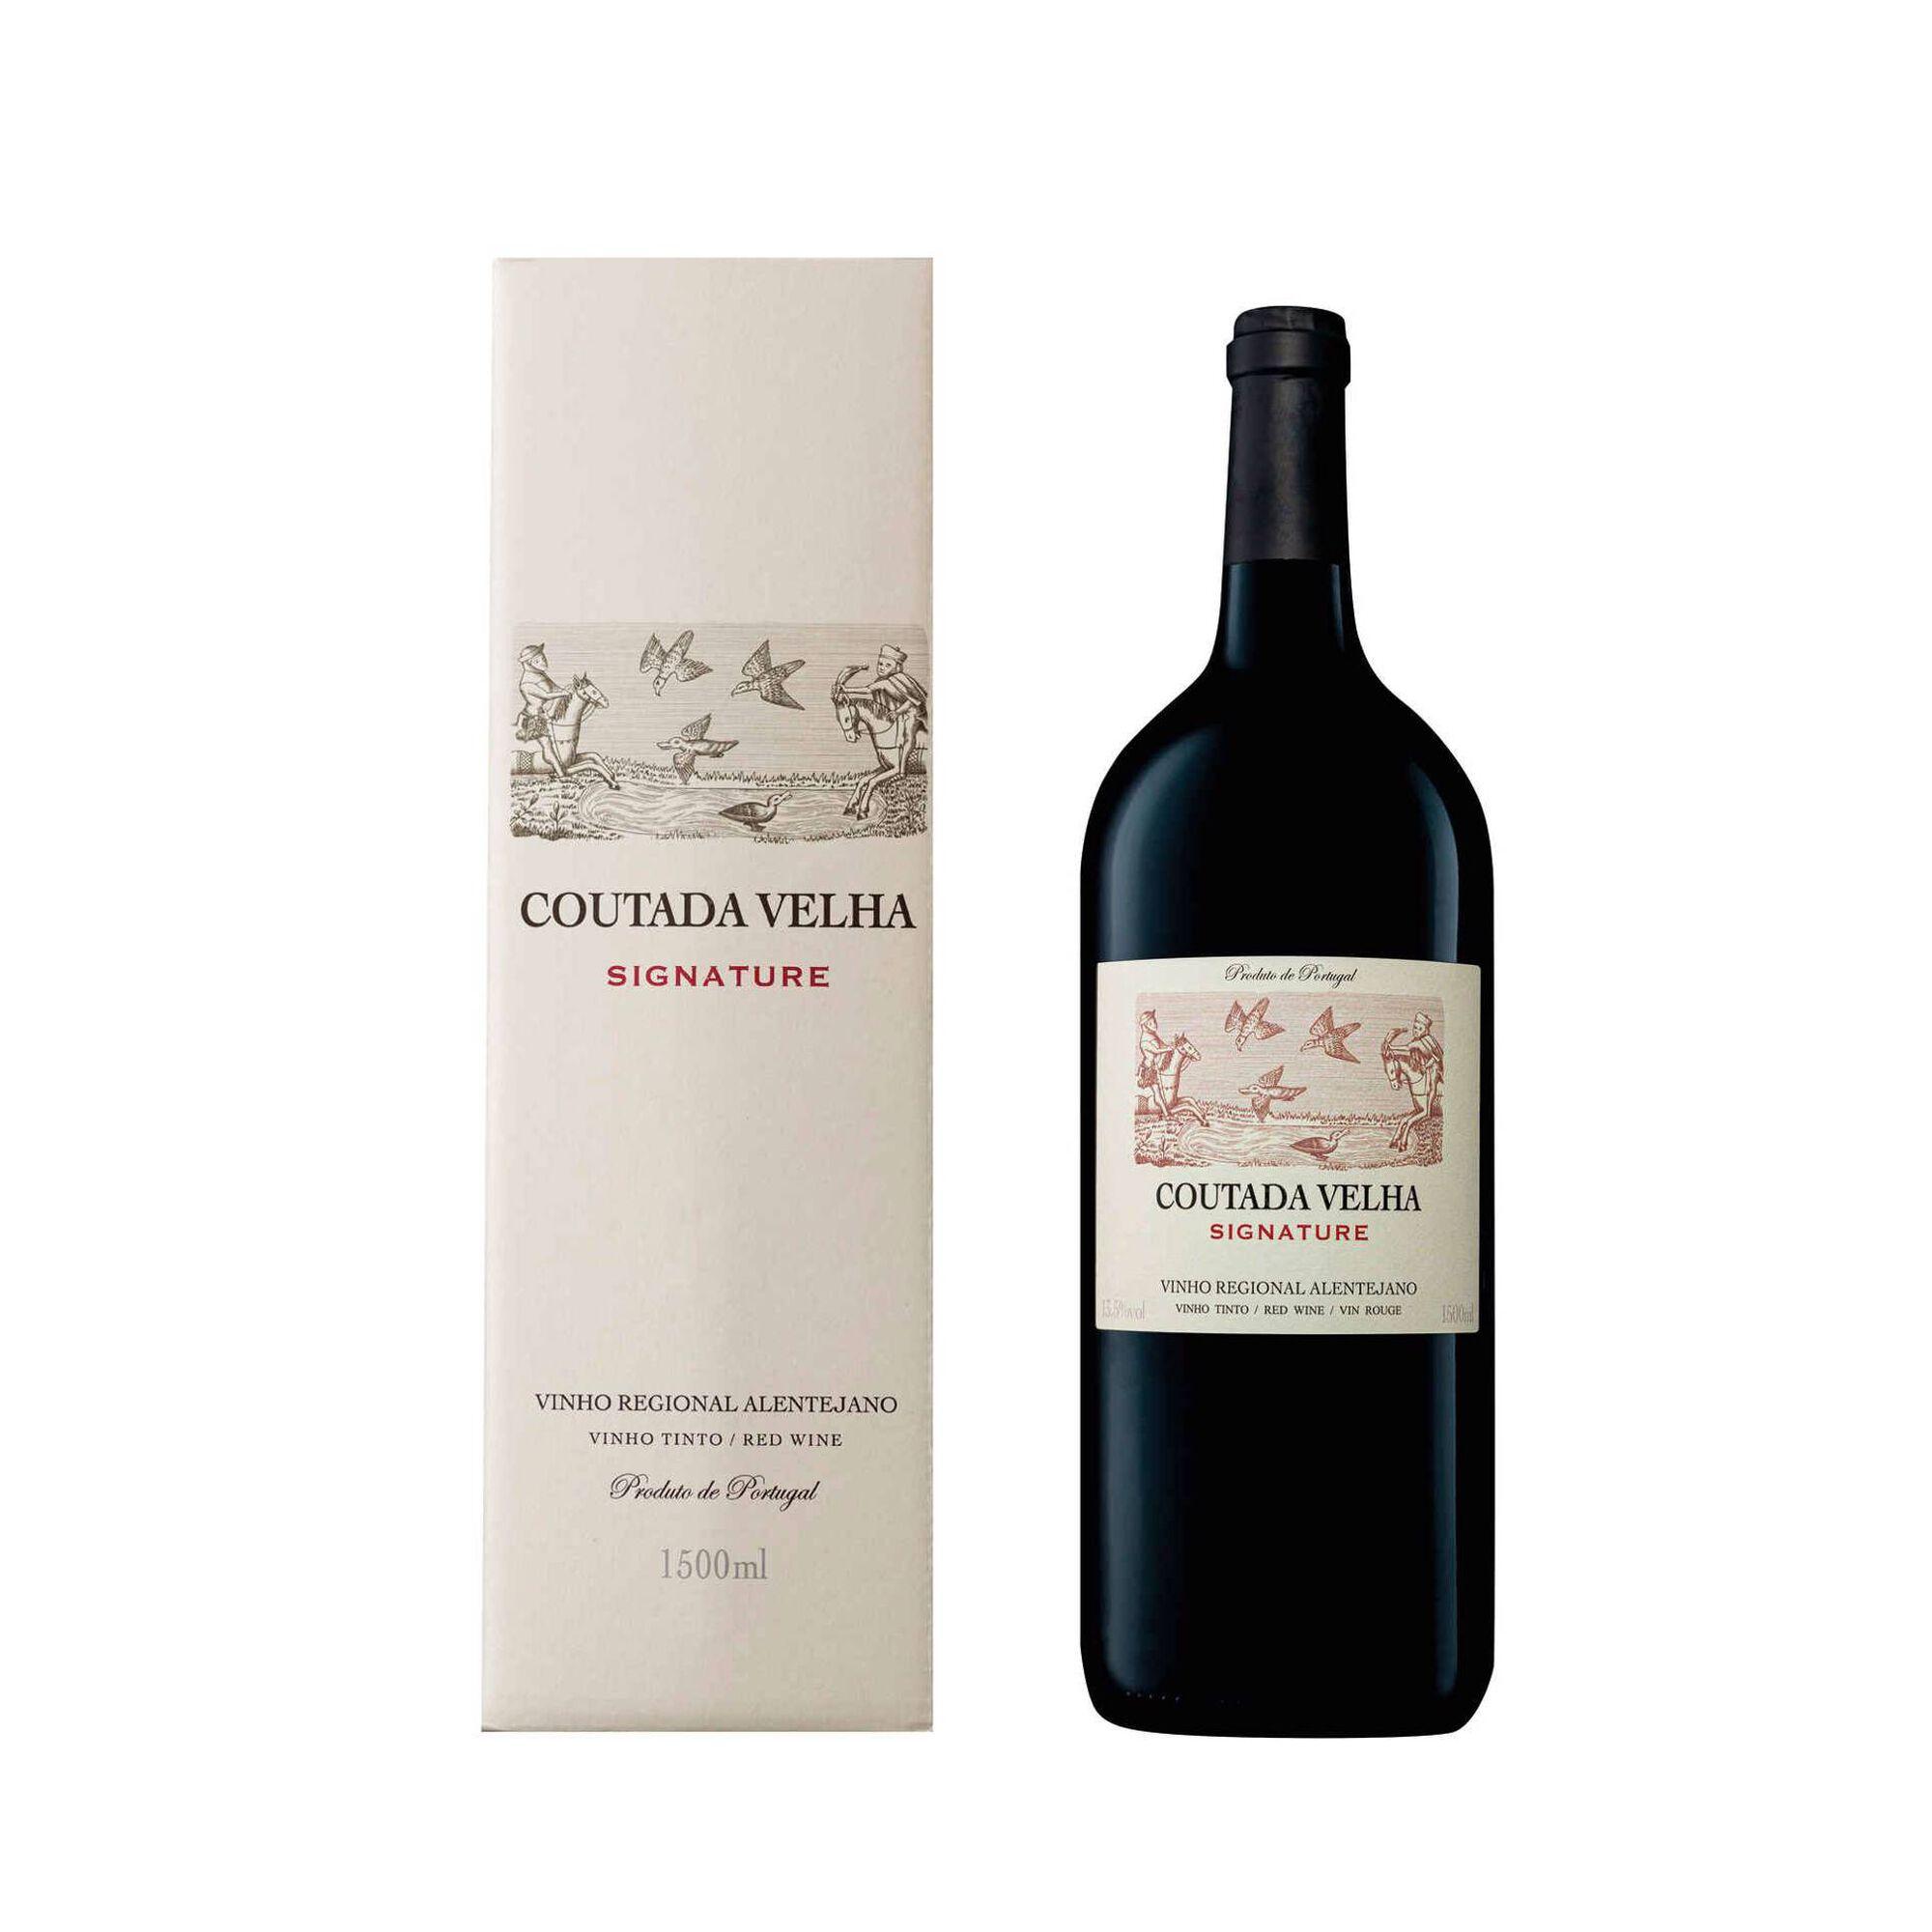 Coutada Velha Signature Regional Alentejano Vinho Tinto